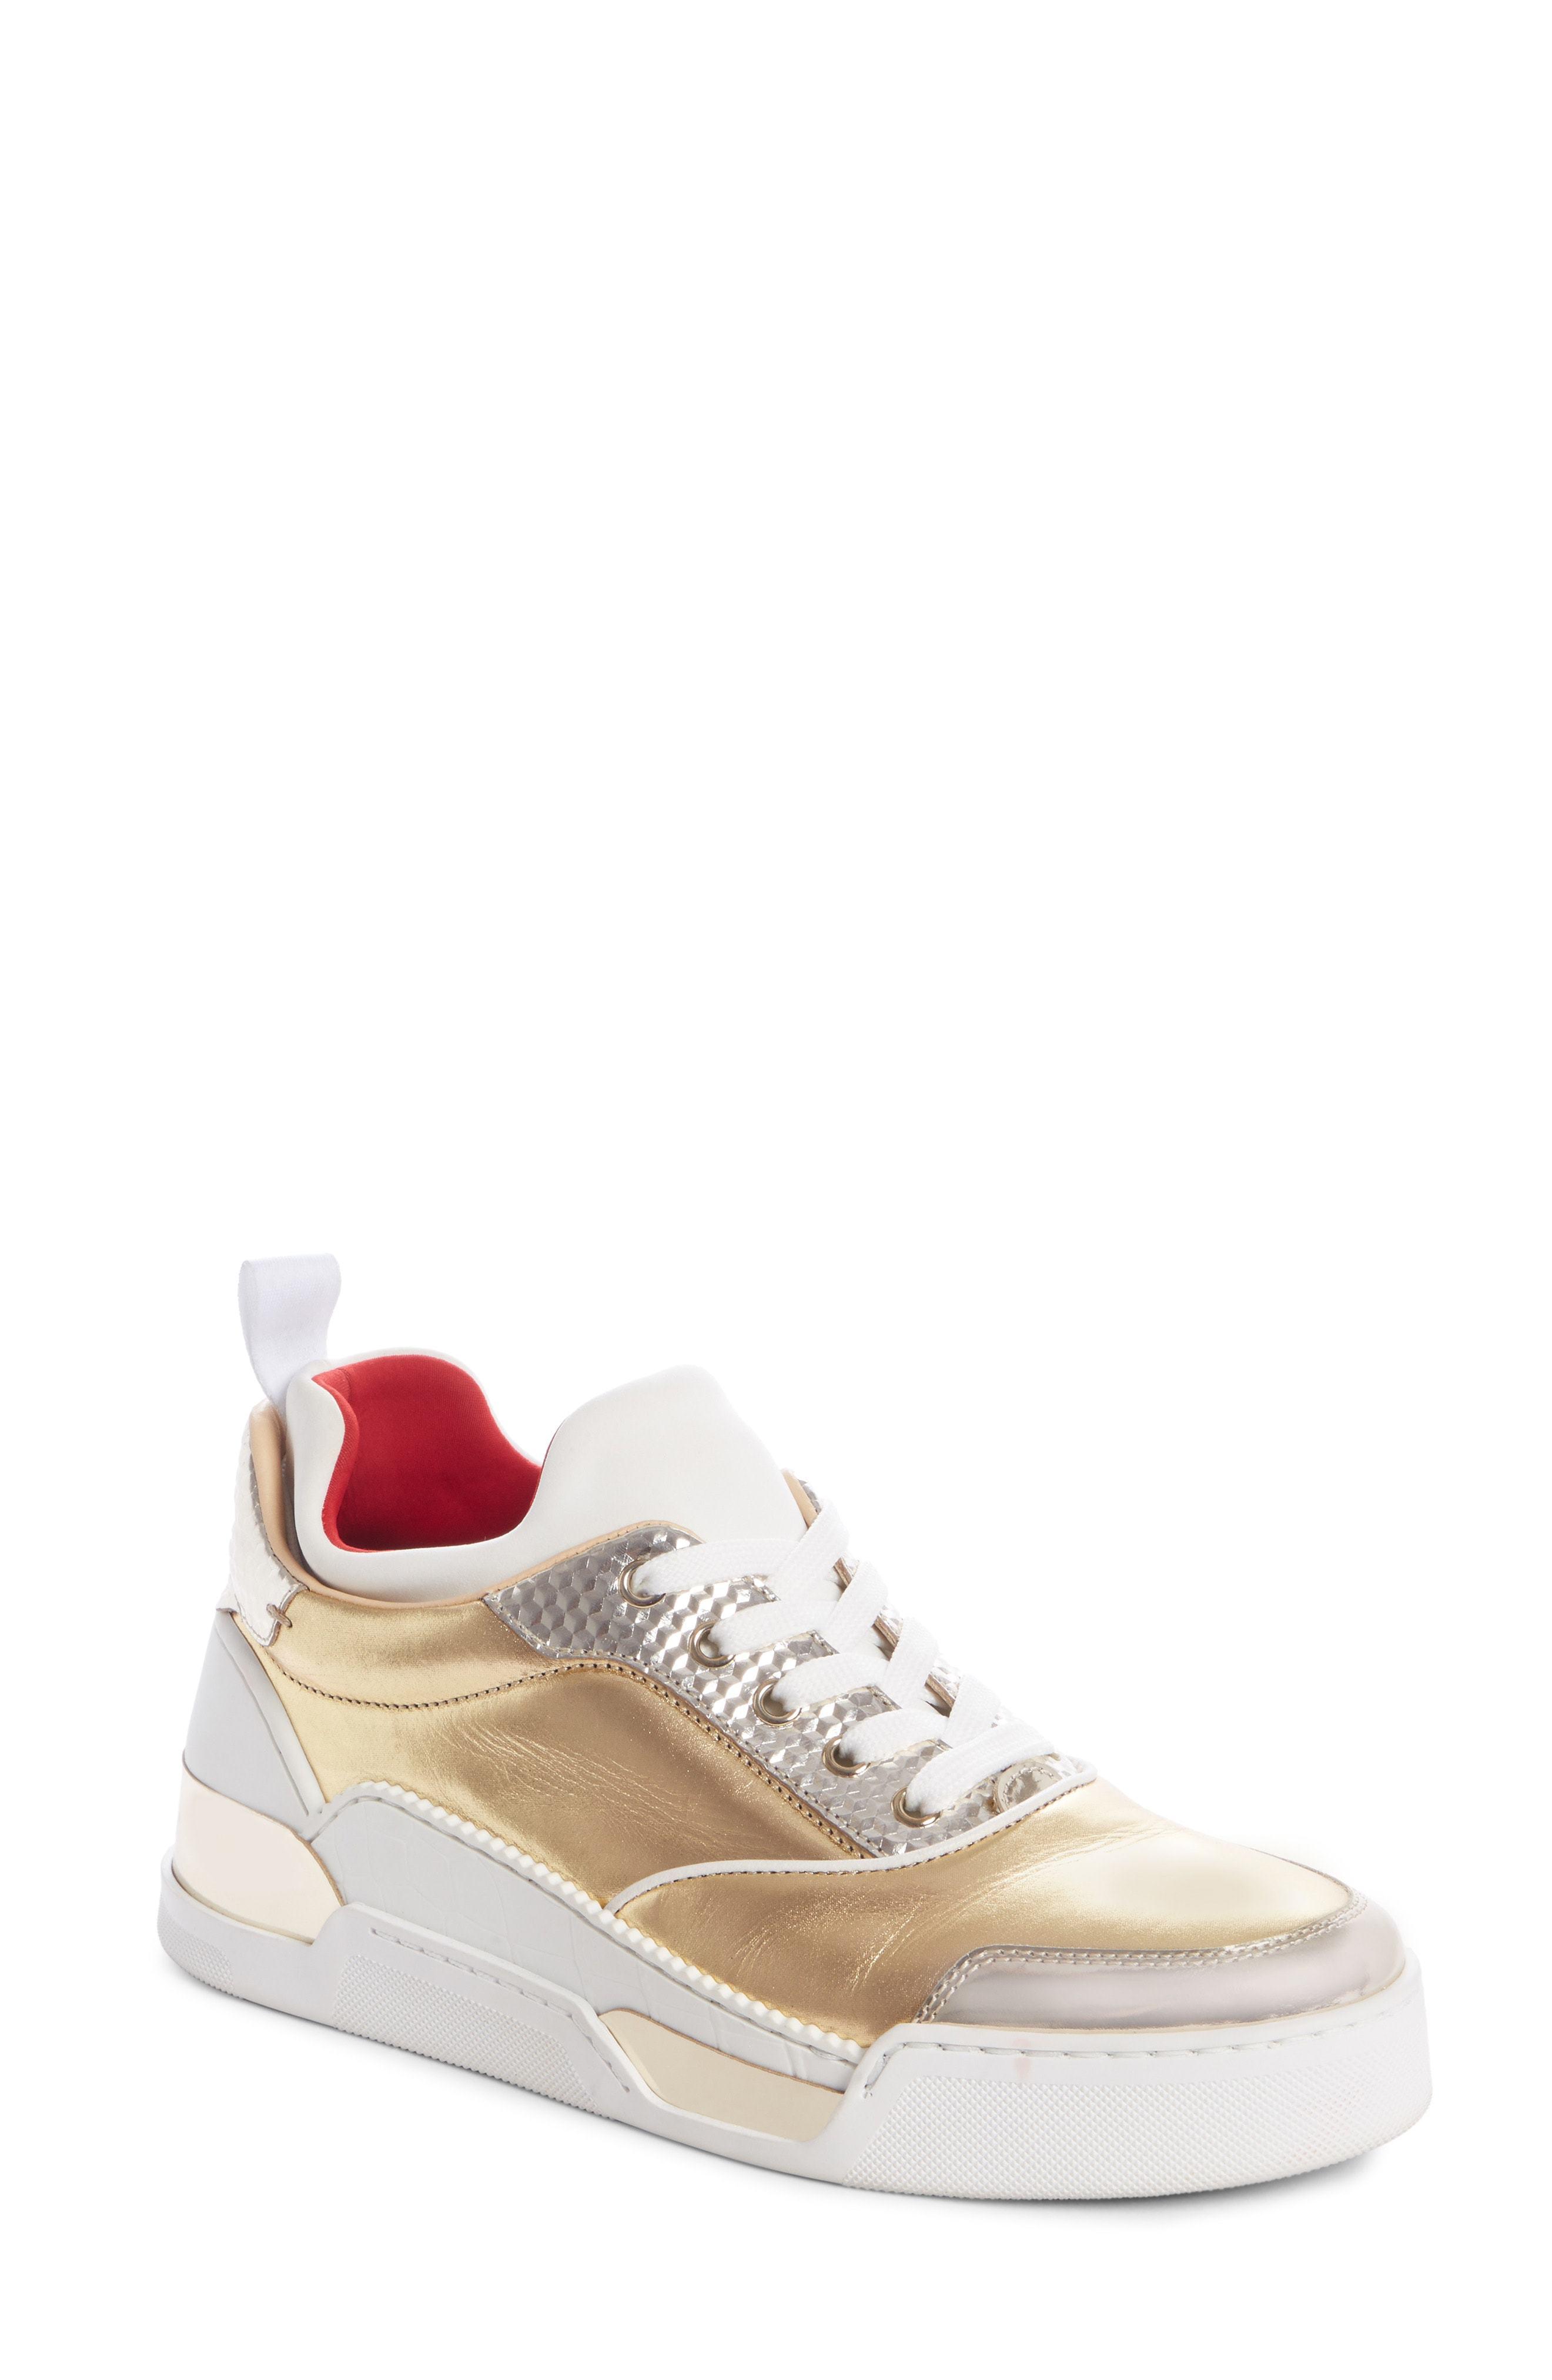 cheaper 30190 11fd1 Aurelien Donna Sneaker